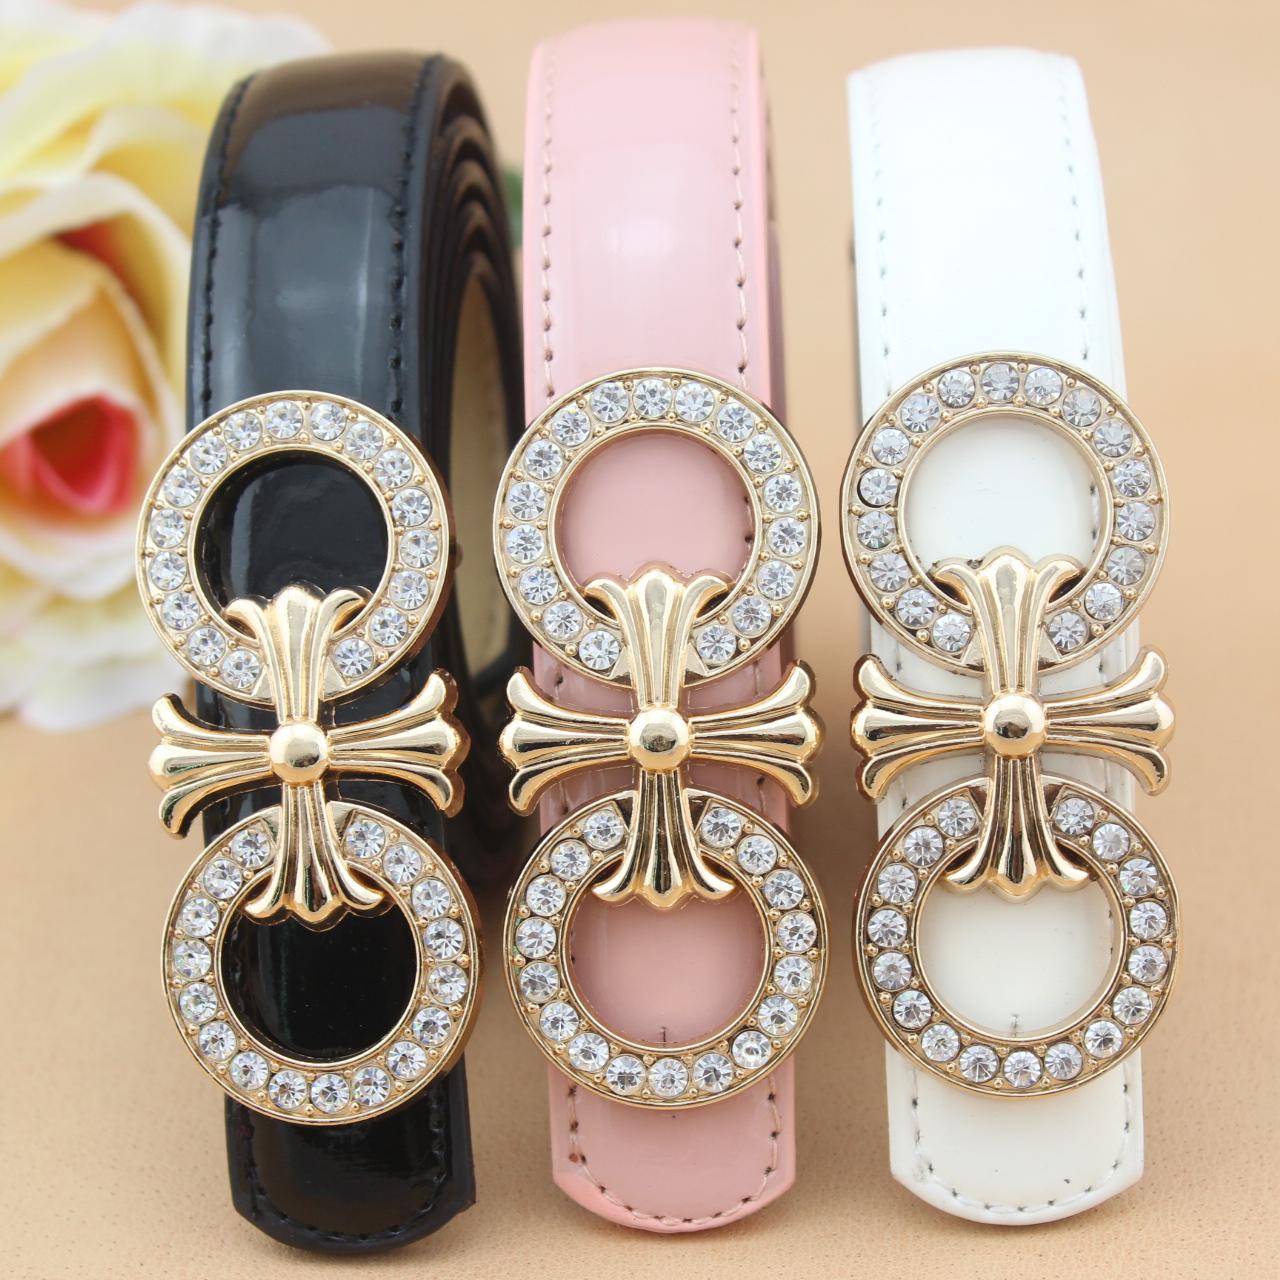 La Sra. Incrustaciones de diamante fino suave botón Coreano de ocho mujeres modelos de Decoración minimalista FAIRWHALE cinturón ancho cinturón de cuero